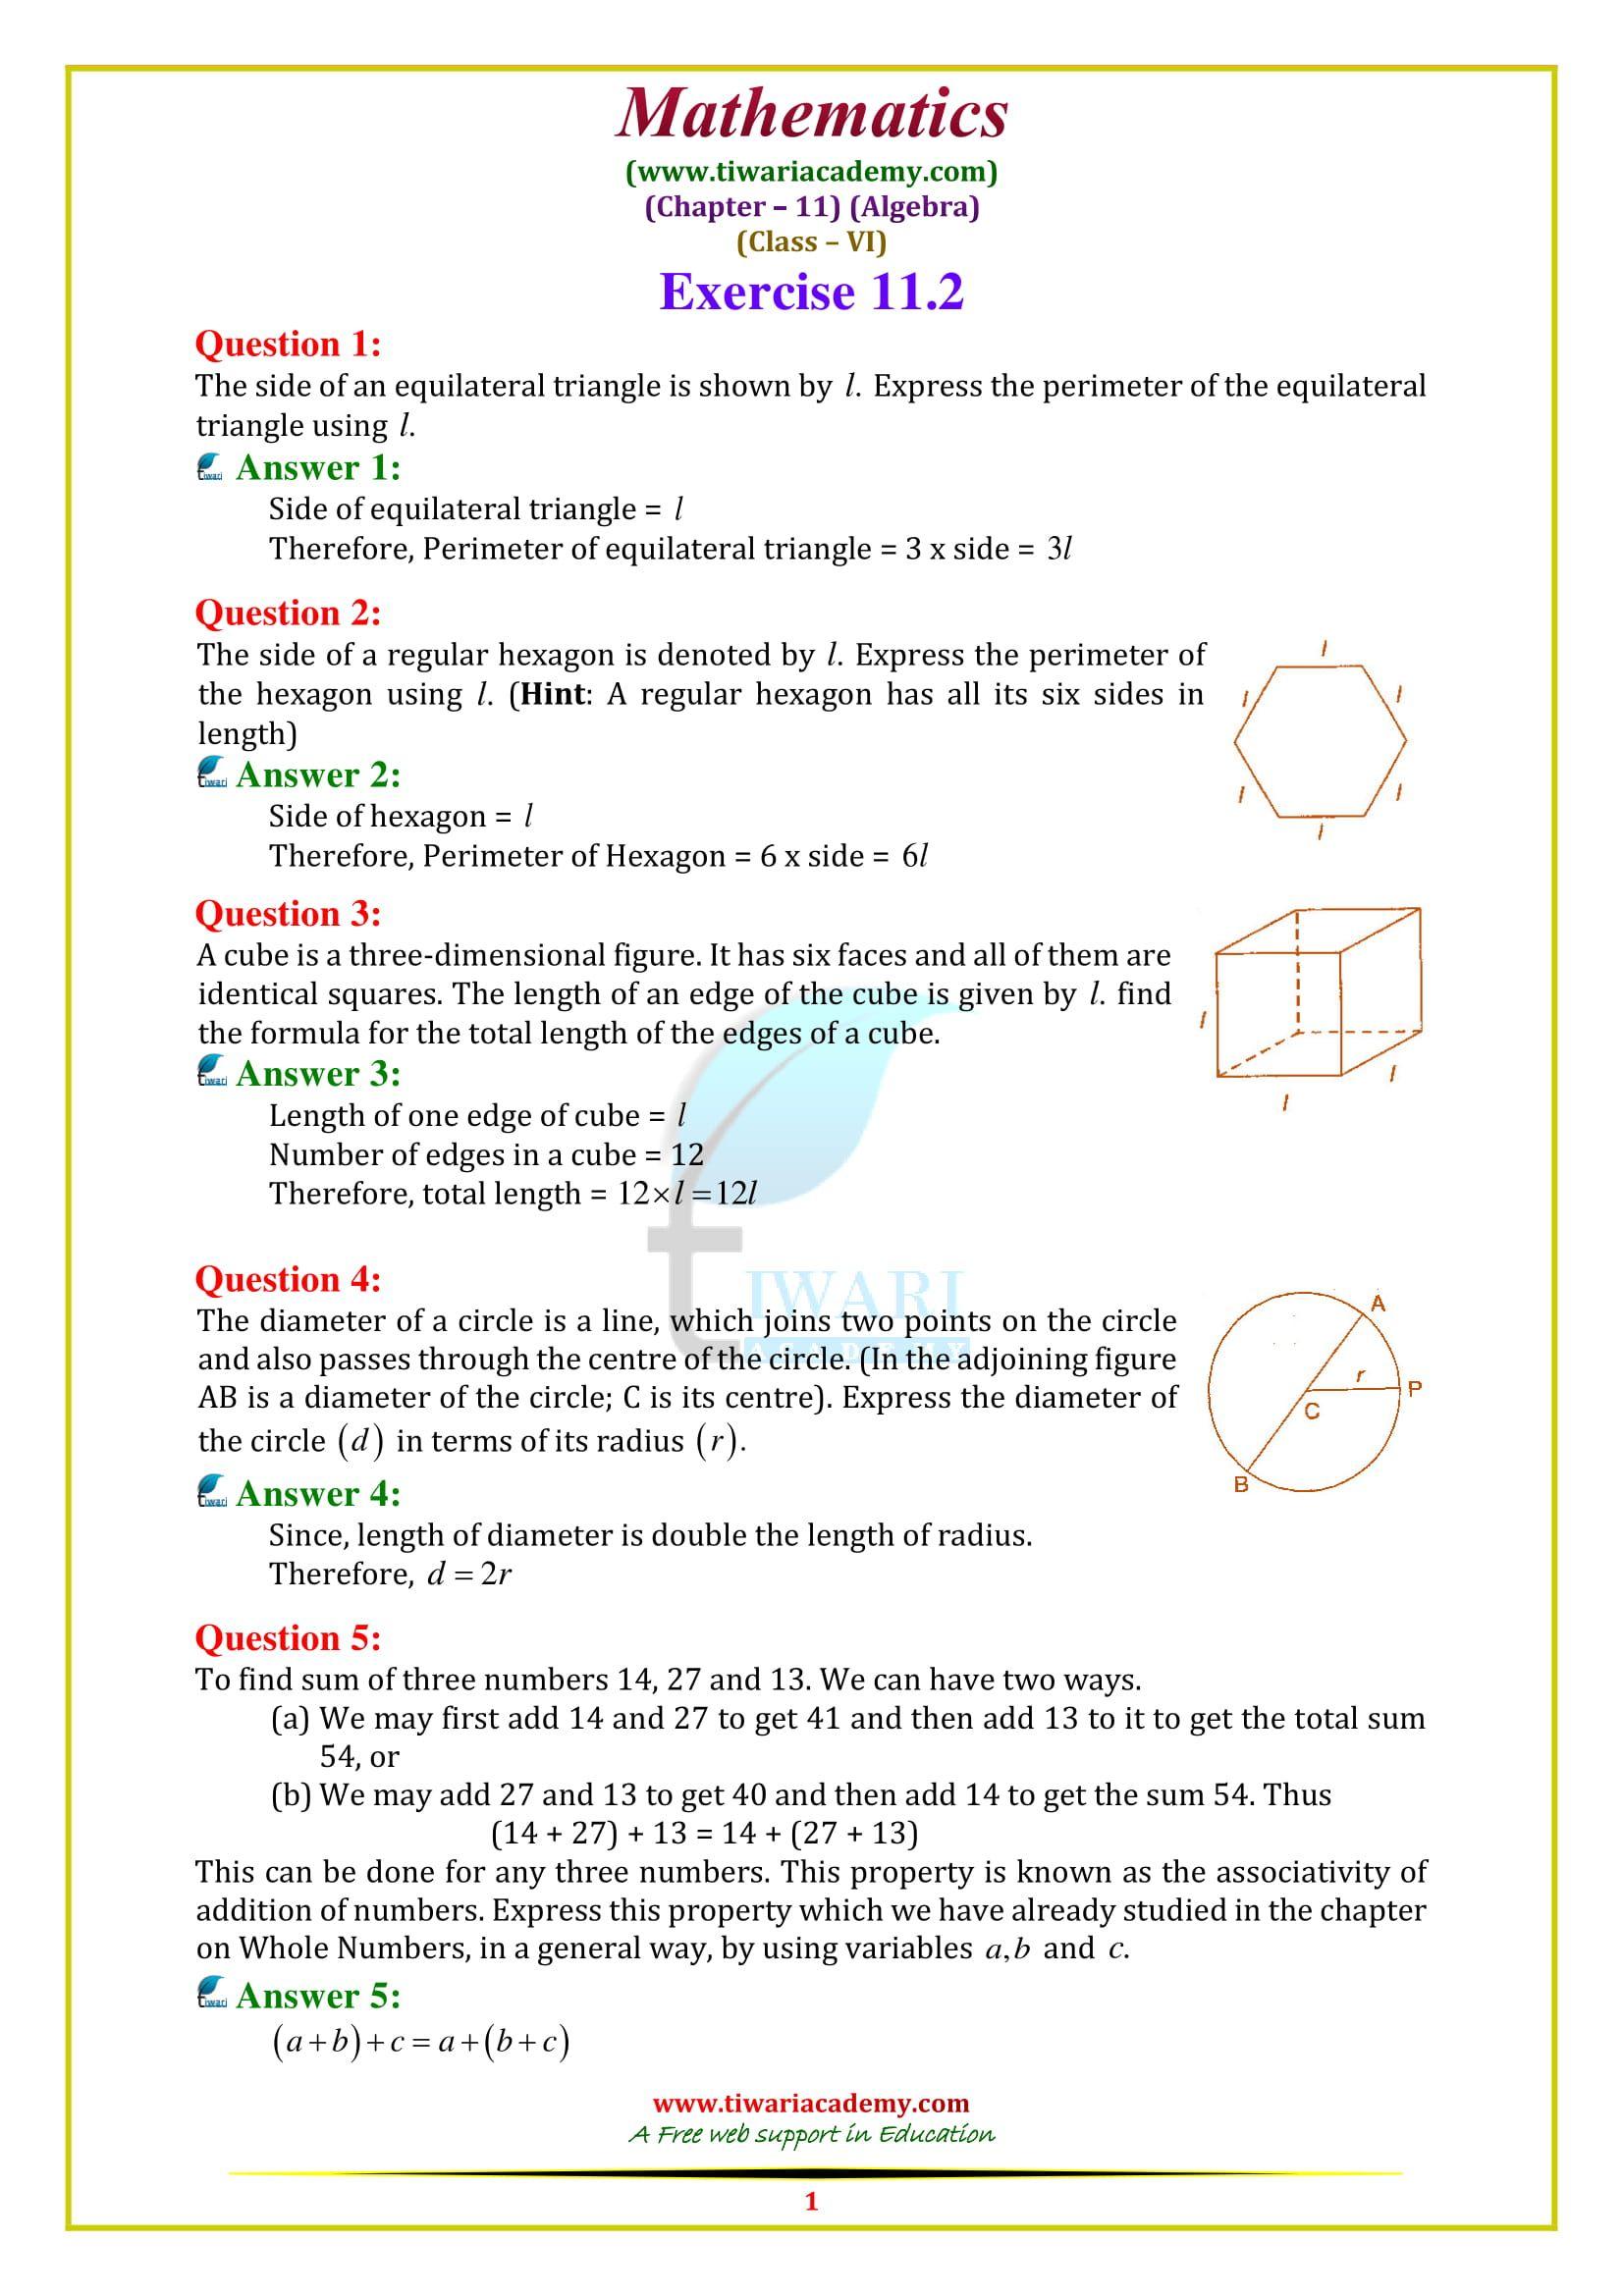 Ncert Solutions For Class 6 Maths Chapter 11 Algebra In Pdf 2020 21 Class 6 Maths Maths Solutions Math [ 2339 x 1653 Pixel ]